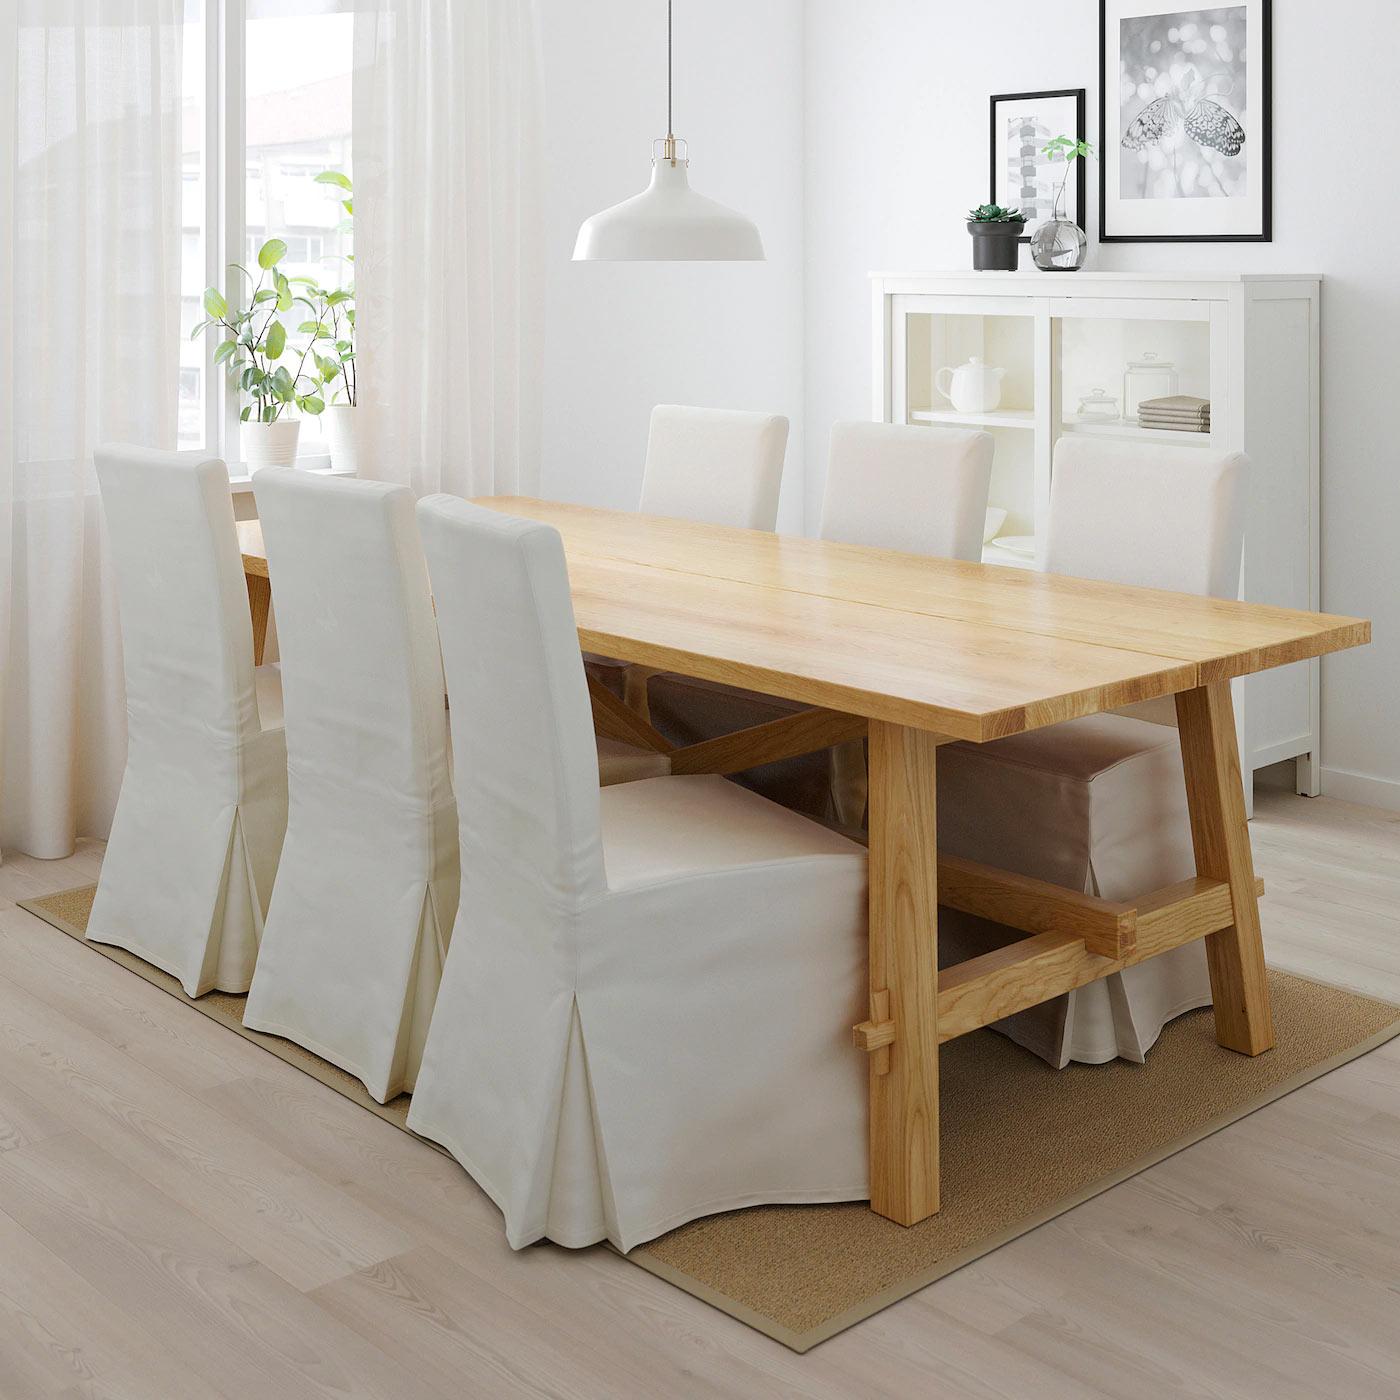 Arredamento Shabby Chic Ikea 15 Mobili Per La Casa